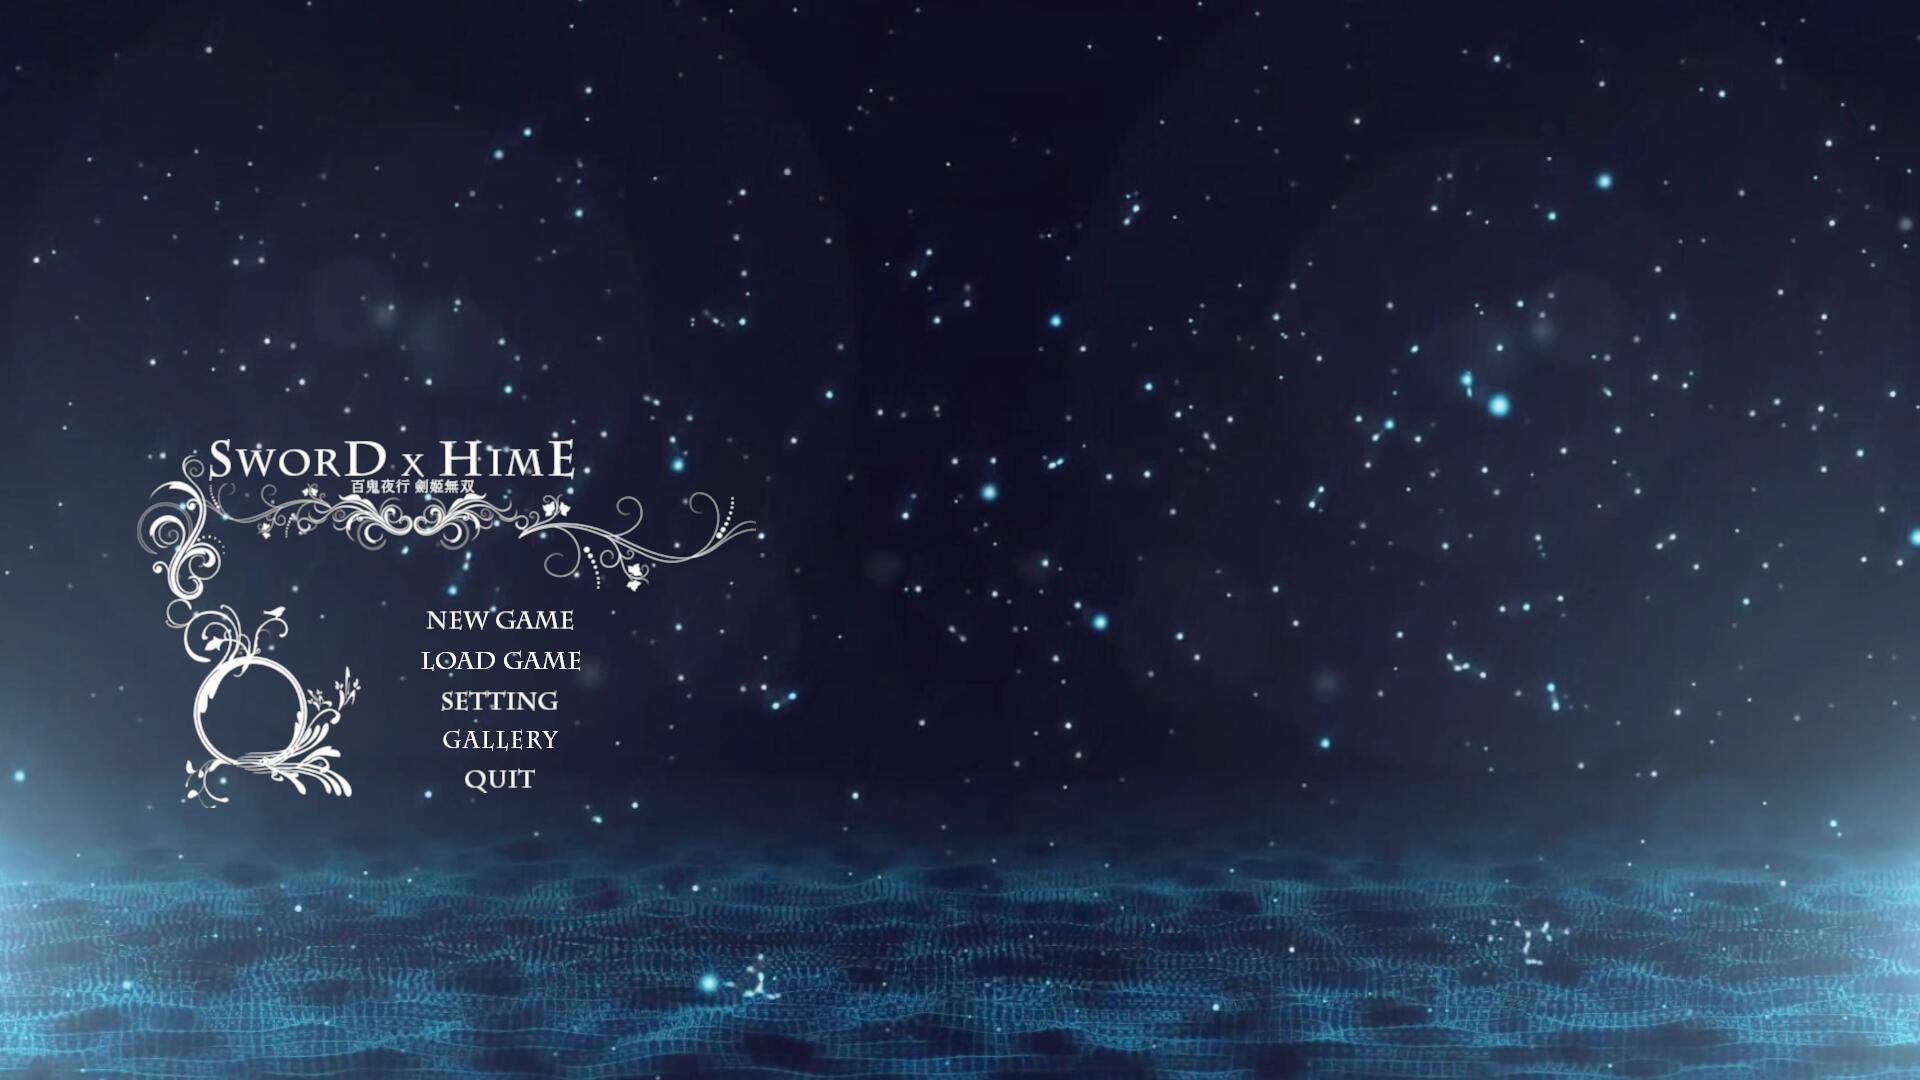 【极品ACT/中文】SwordxHime剑姬无双V1.12 官方中文步兵版/付全存档【8G/更新/全CV】 2